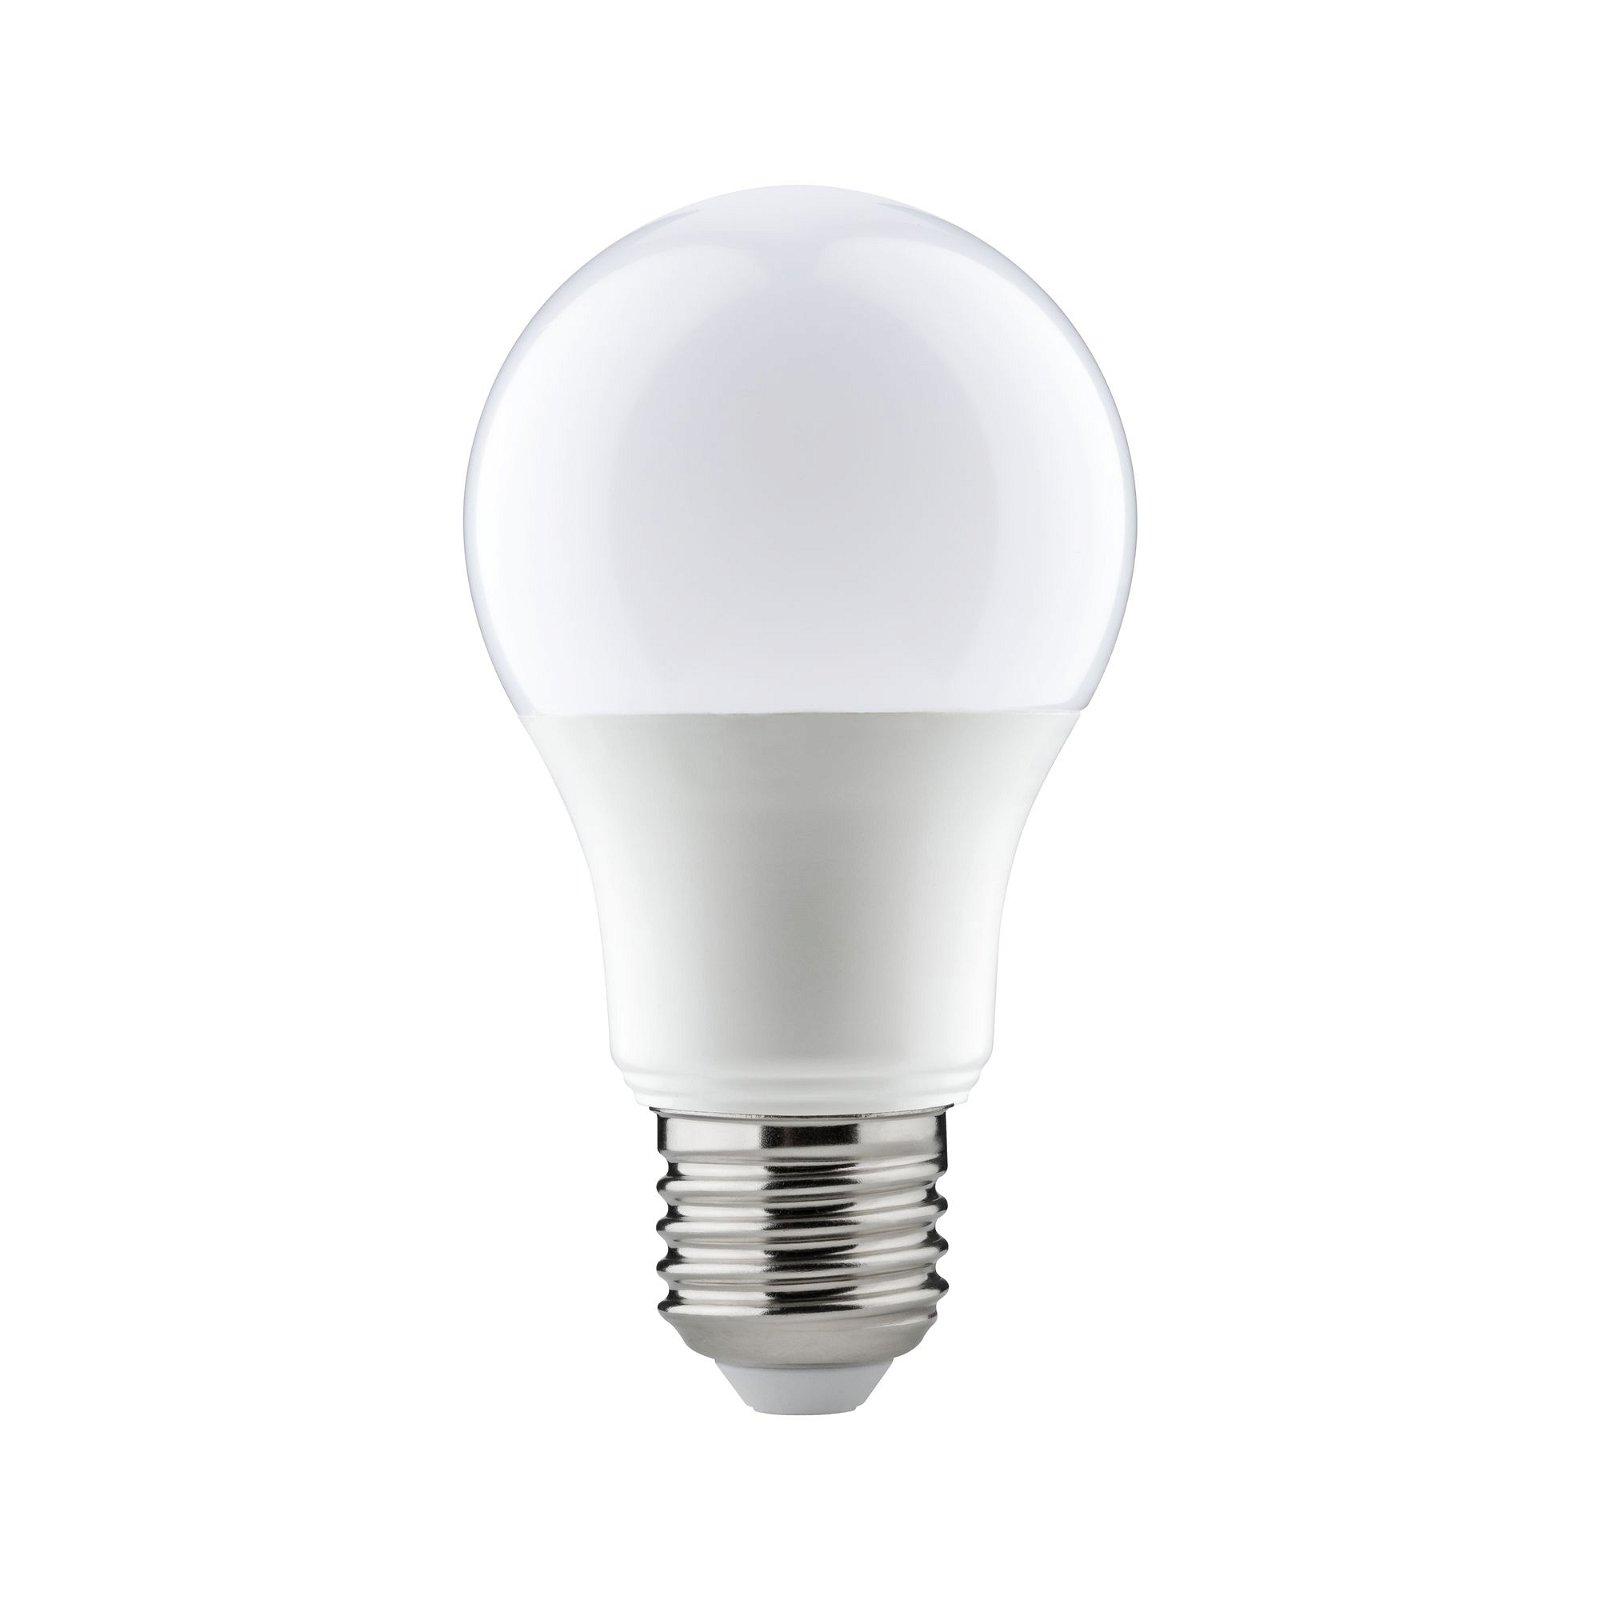 LED Birne 1er-Pack E27 230V 806lm 9W 2700K Opal